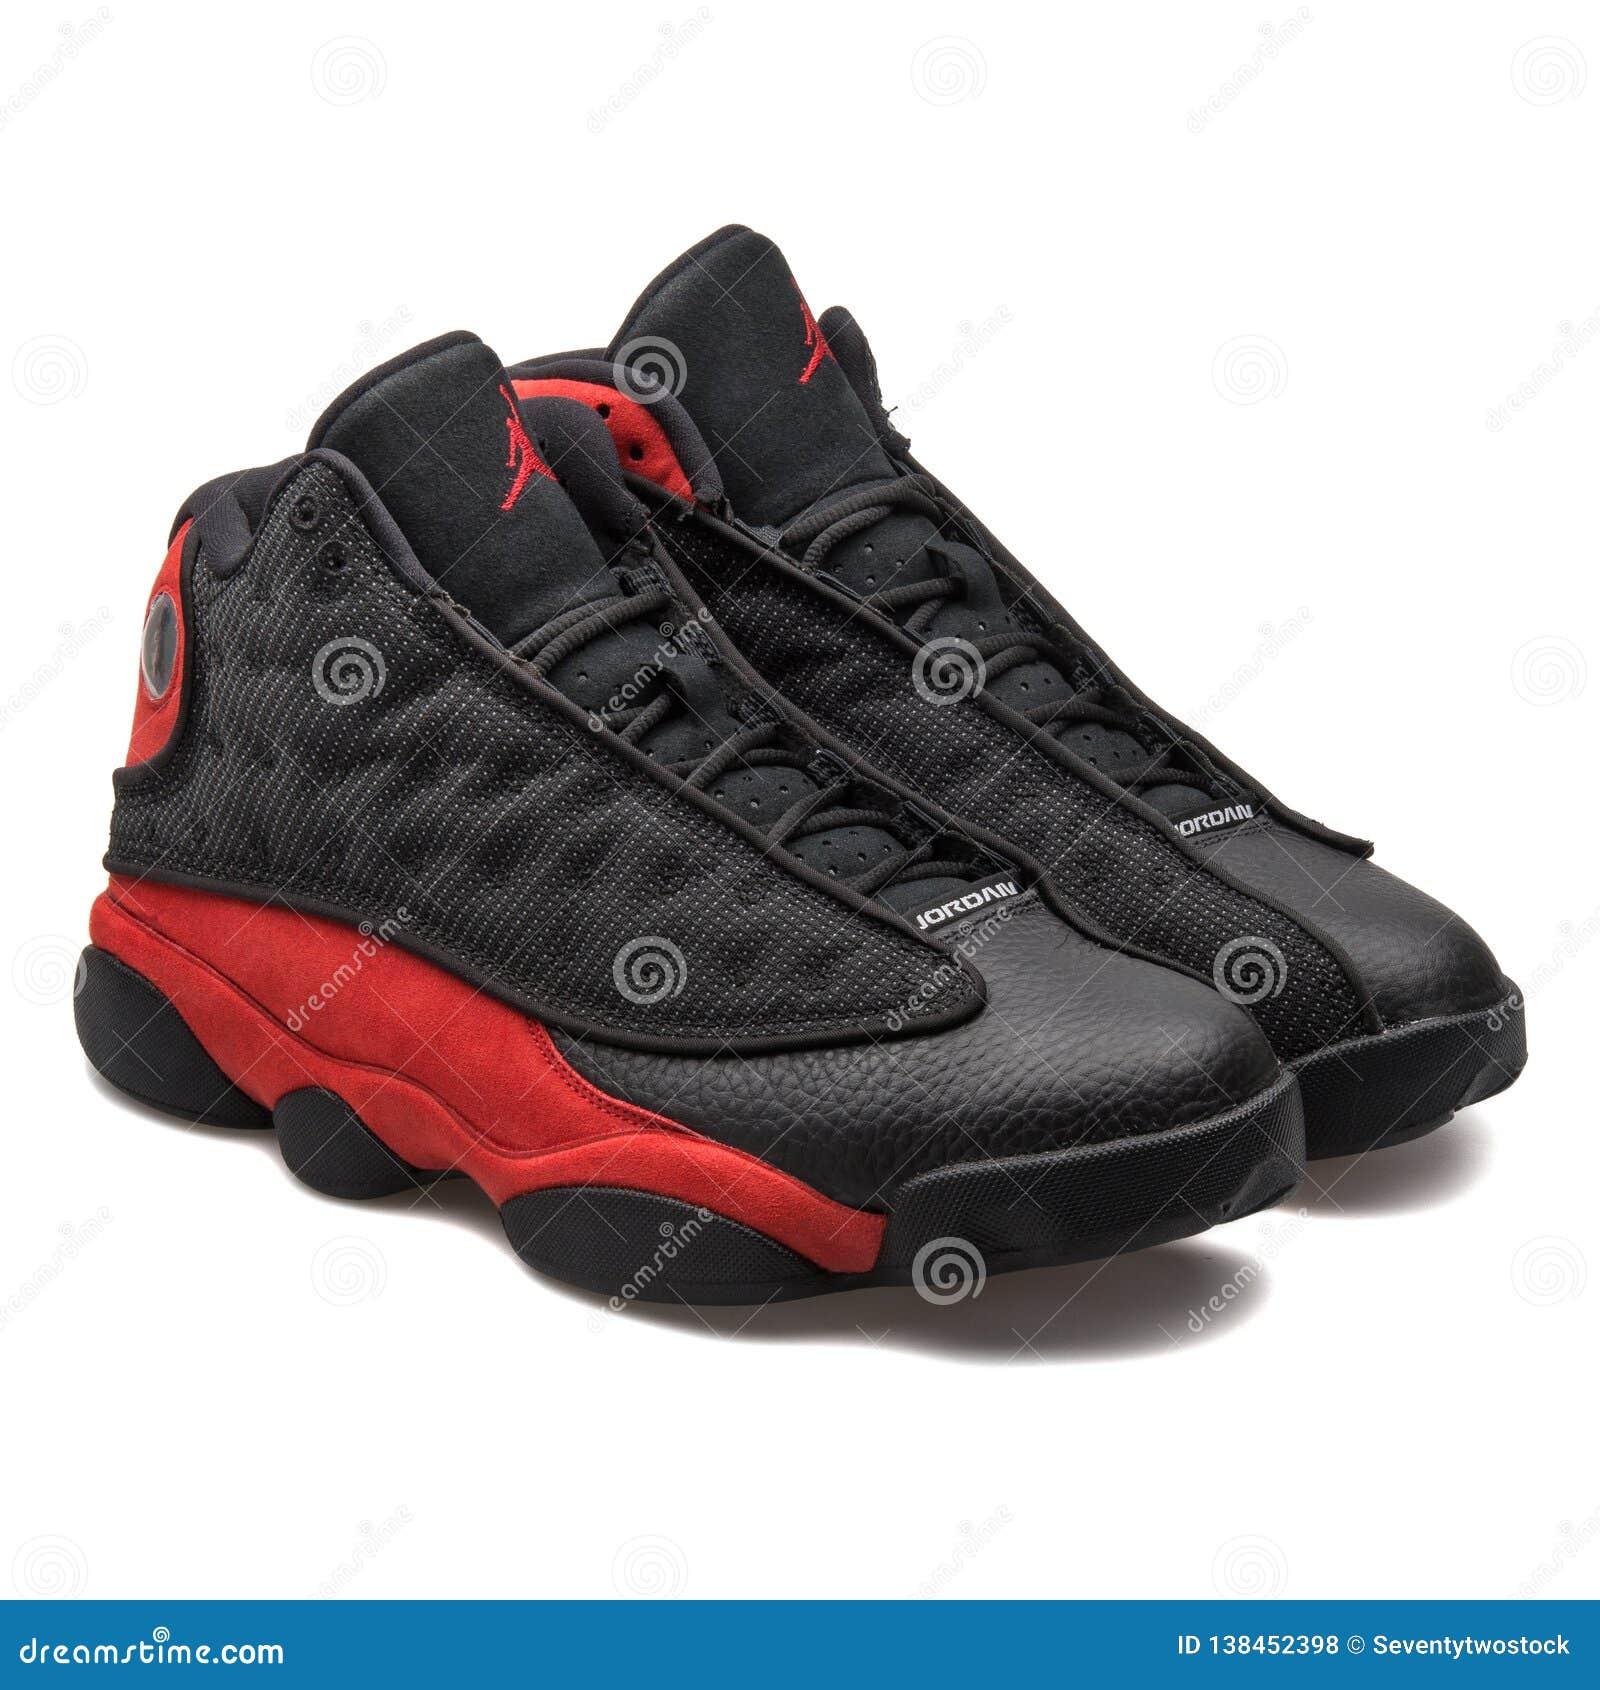 Nike Air Jordan 13 Retro Black And Red Sneakers Editorial